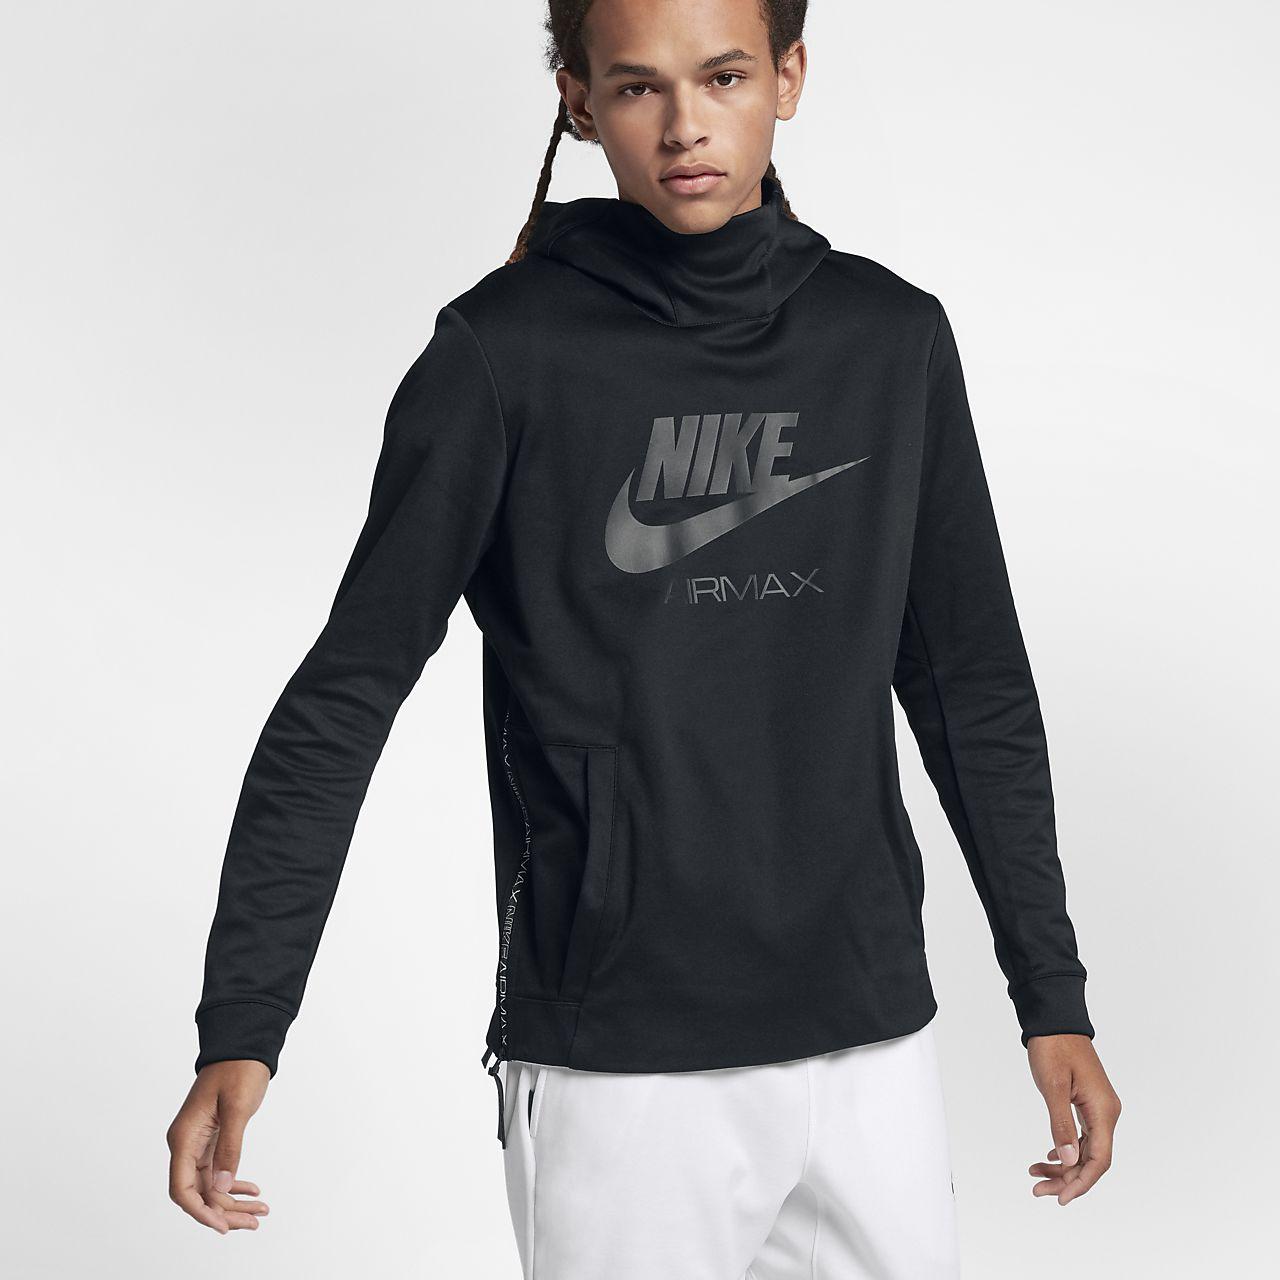 nike sportwear air max